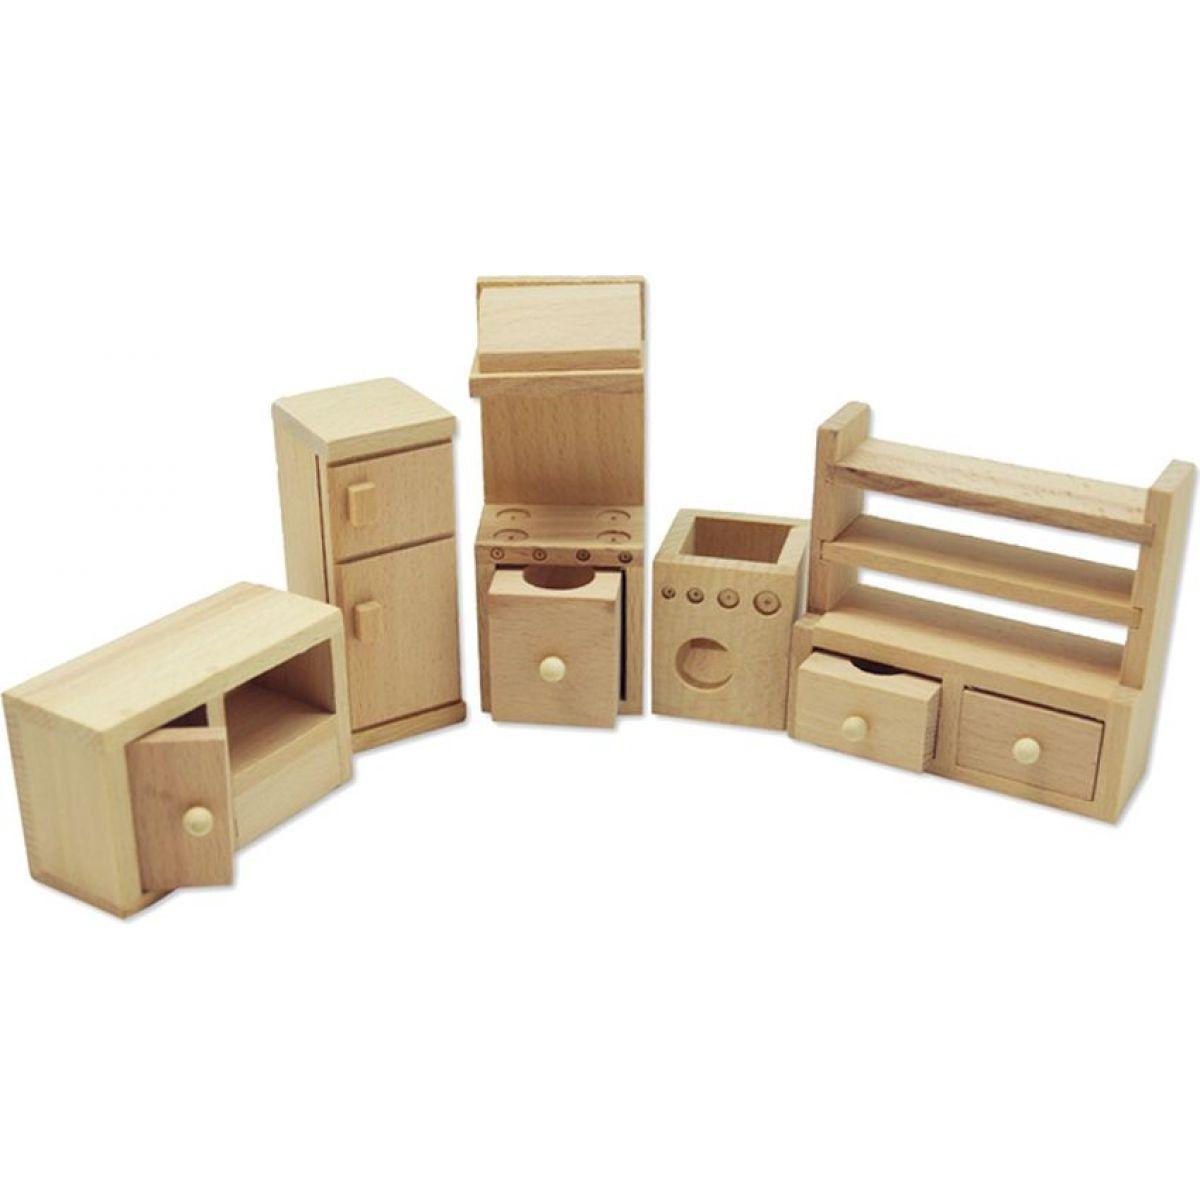 HM STUDIO Dřevěný mini nábytek kuchyně